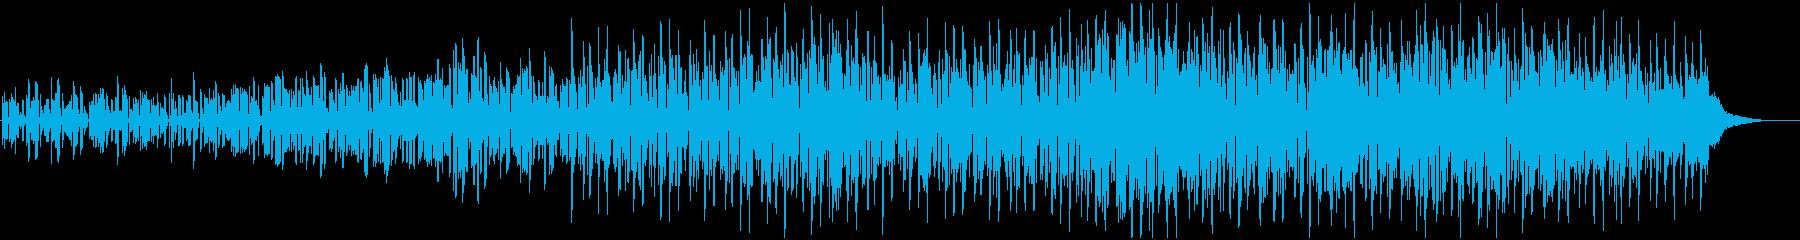 ニュース、検証、ラビリンス、推理BGMの再生済みの波形